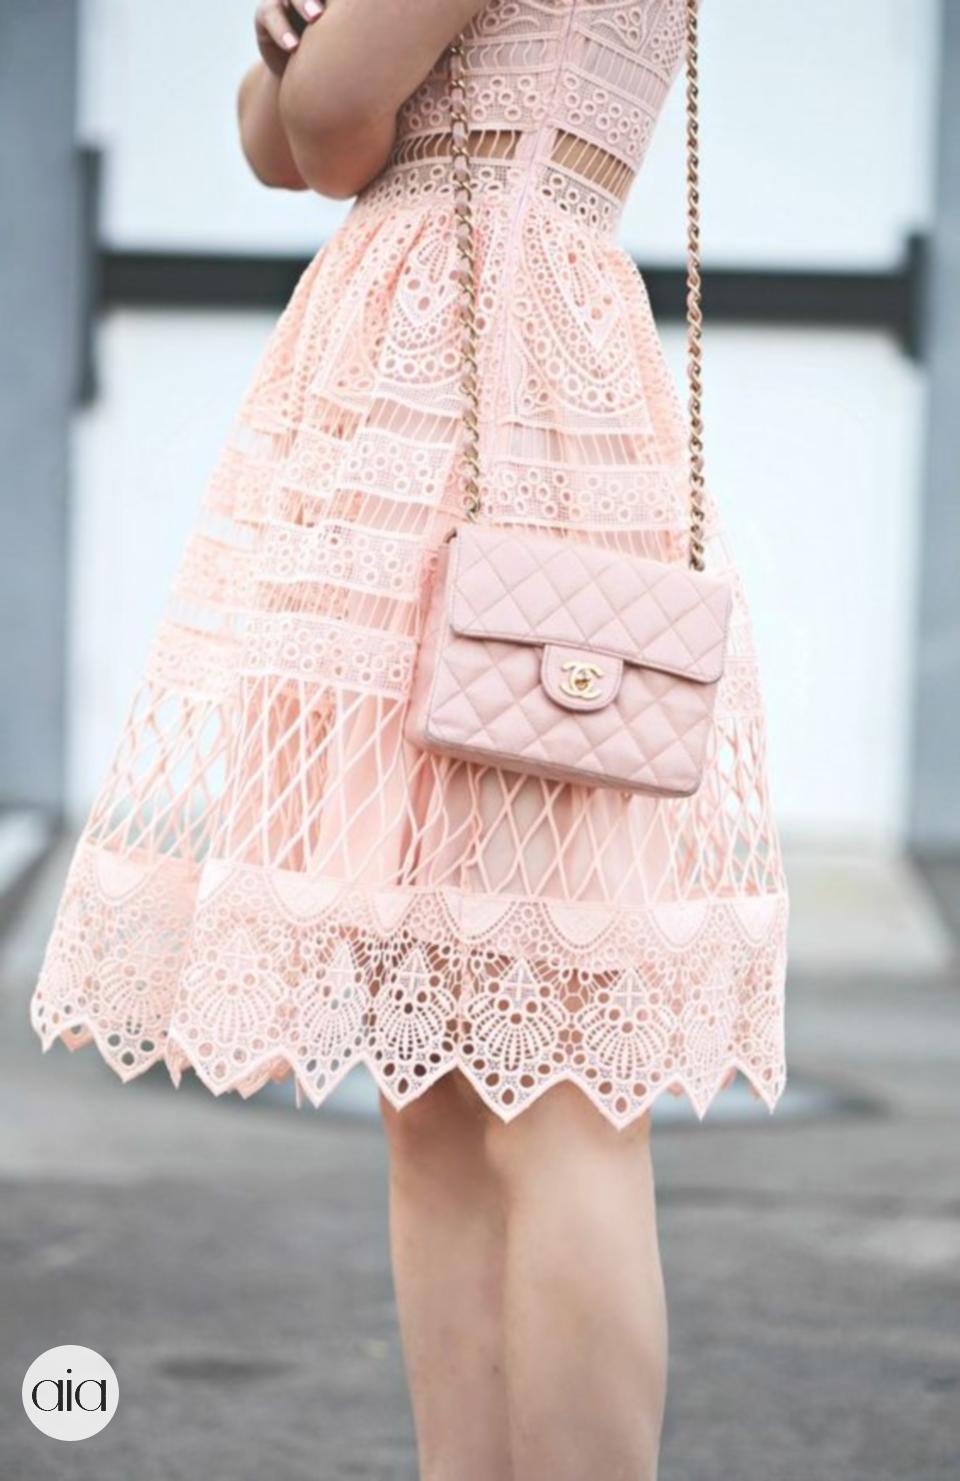 El mundo de aia proyectos manuales pinterest clothes fashion